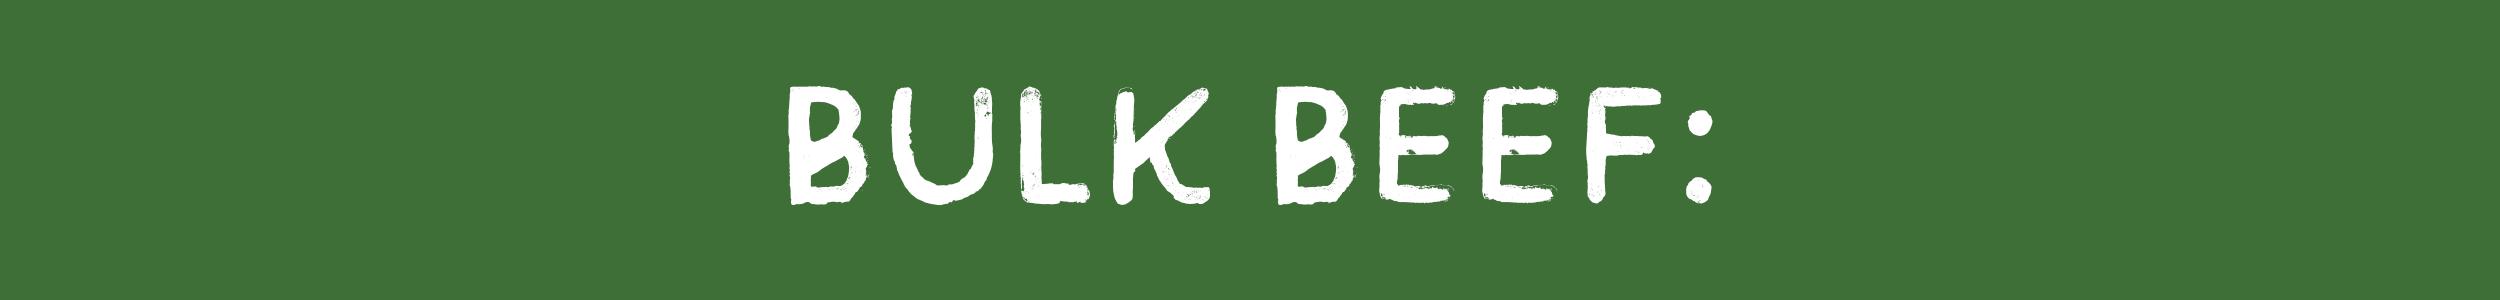 BulkBeef.png